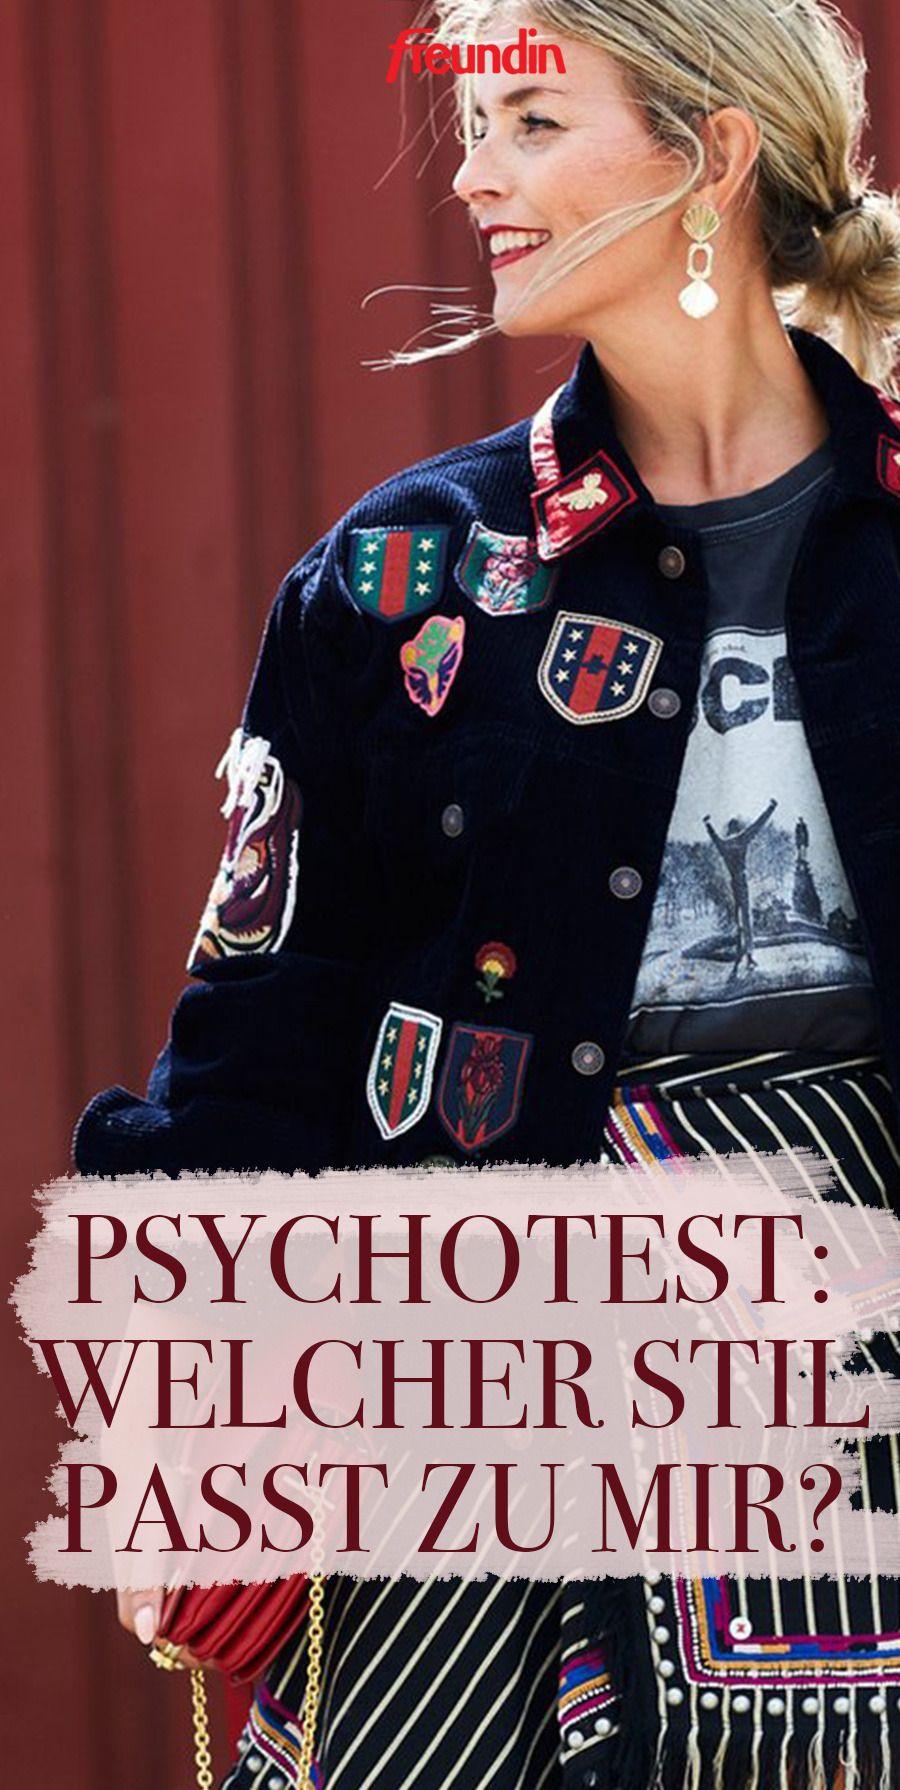 Welcher Style passt zu mir? | Lifestyle | Fashion, Christmas ...